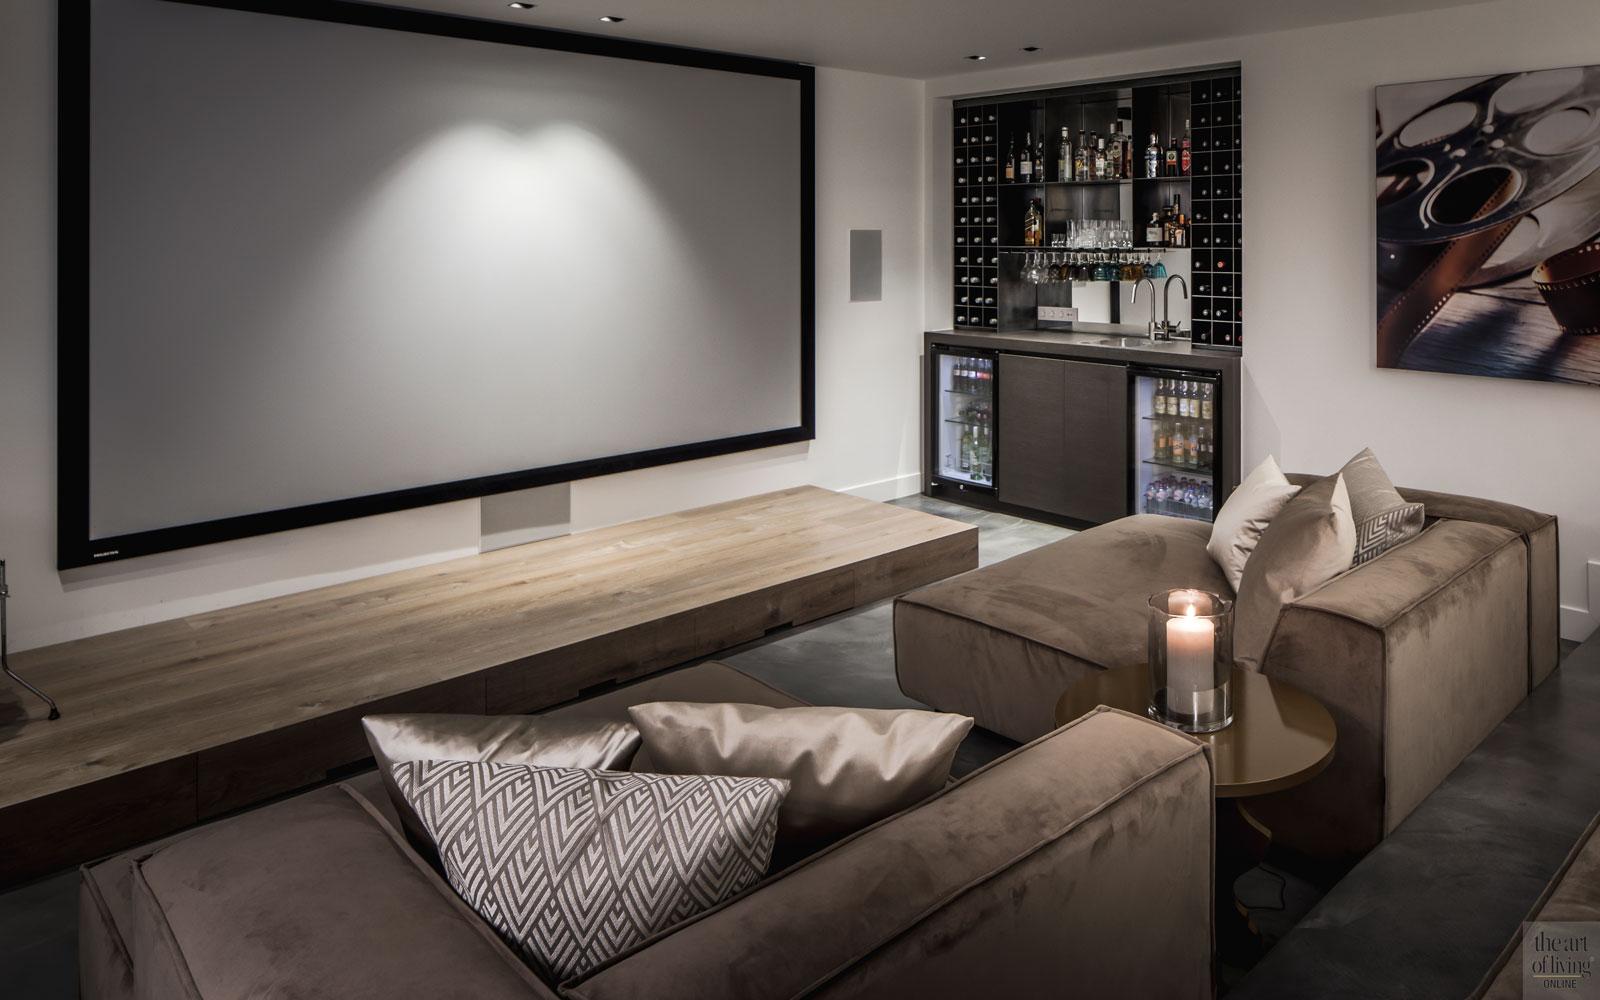 Kelder, home cinema, bioscoop, loungebank, relaxen, landelijke nieuwbouw, kabaz